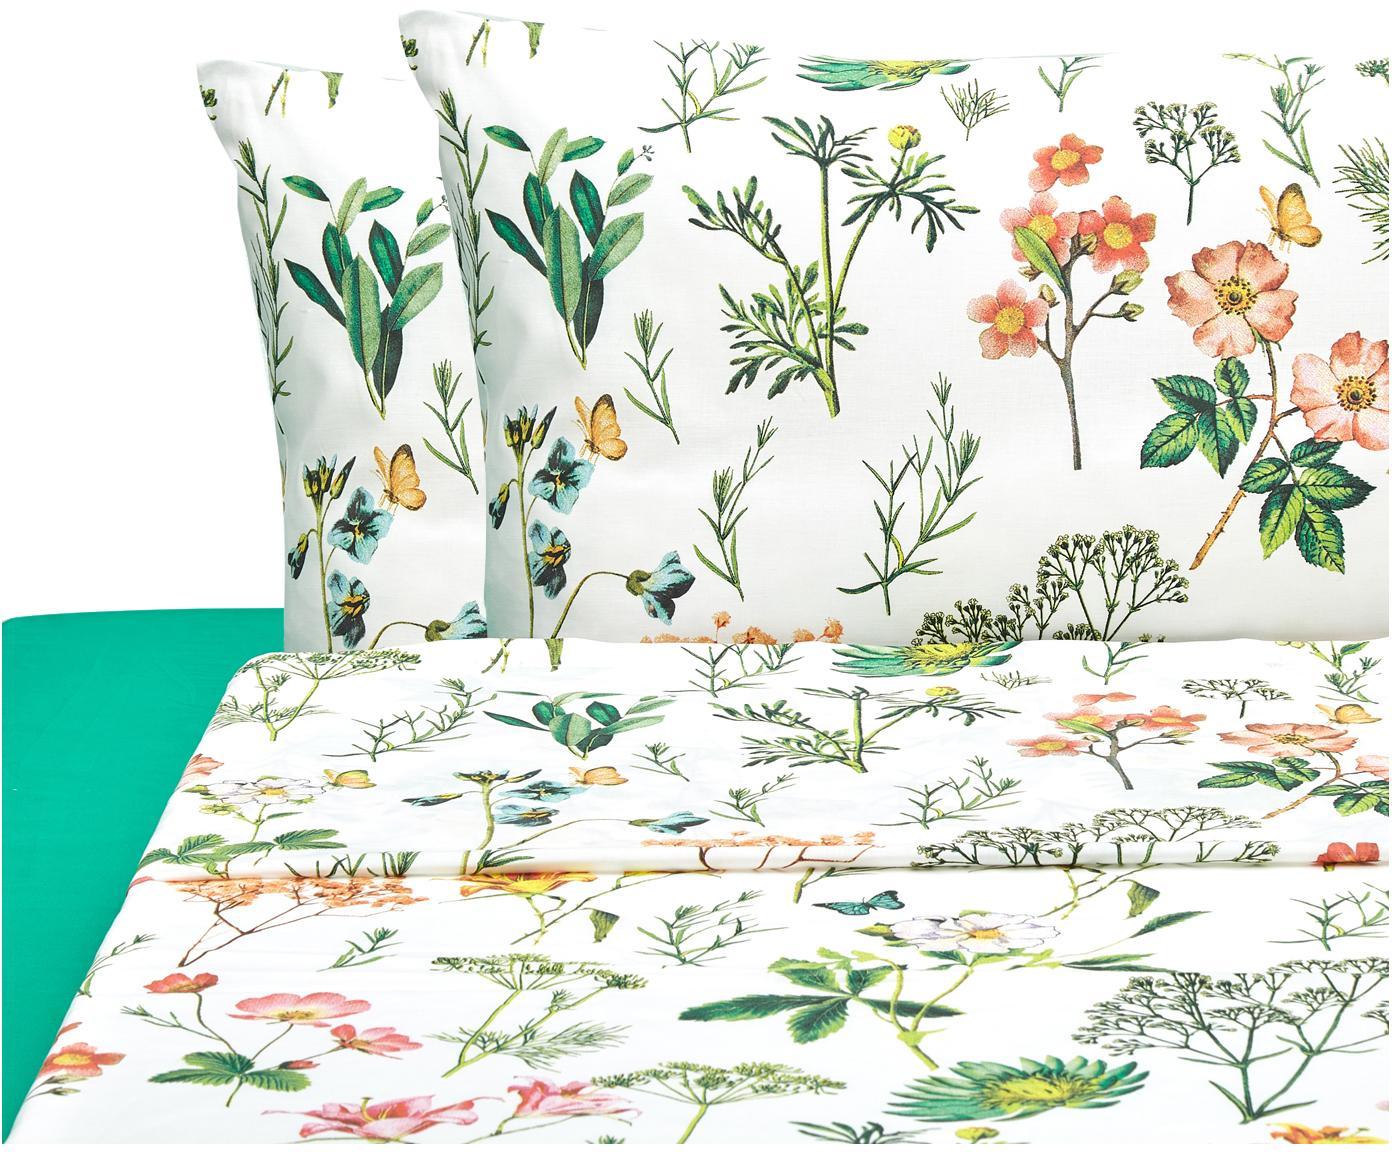 Completo letto Botanico, Cotone, Bianco, verde, multicolore, 250 x 280 cm